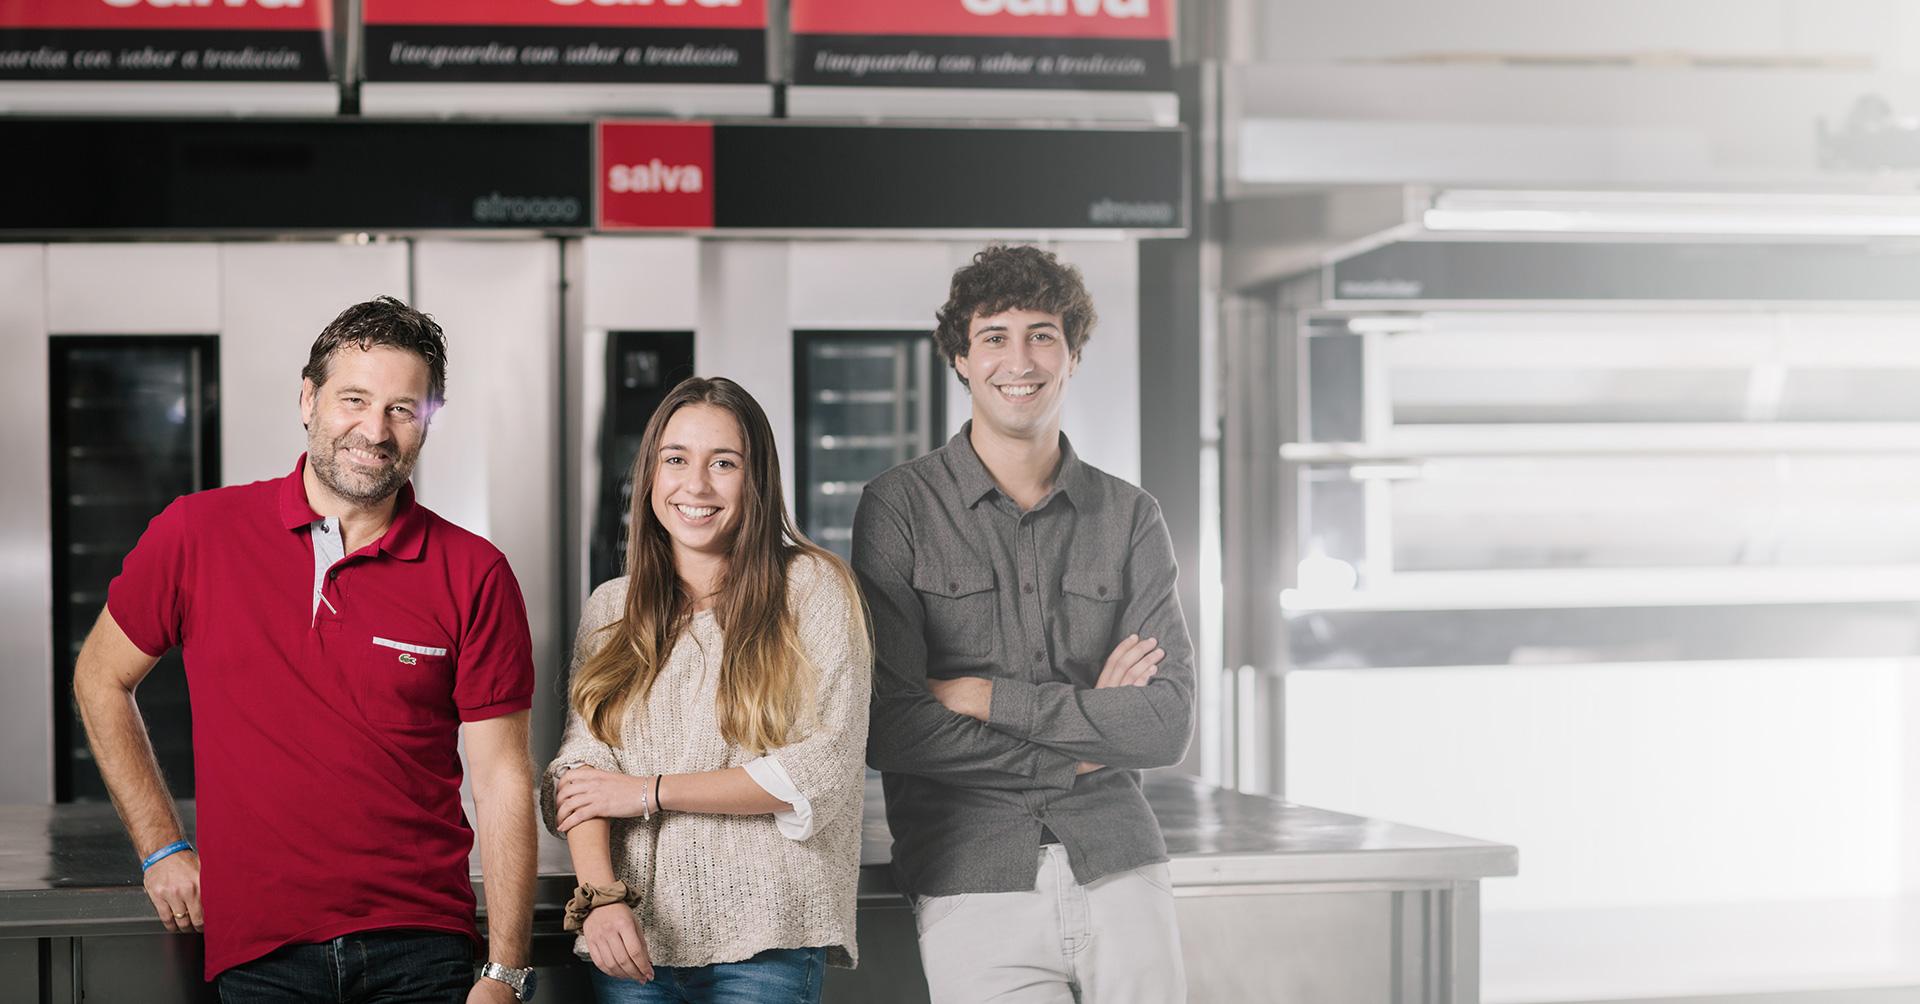 Estudiantes y recién lincenciados en SALVA